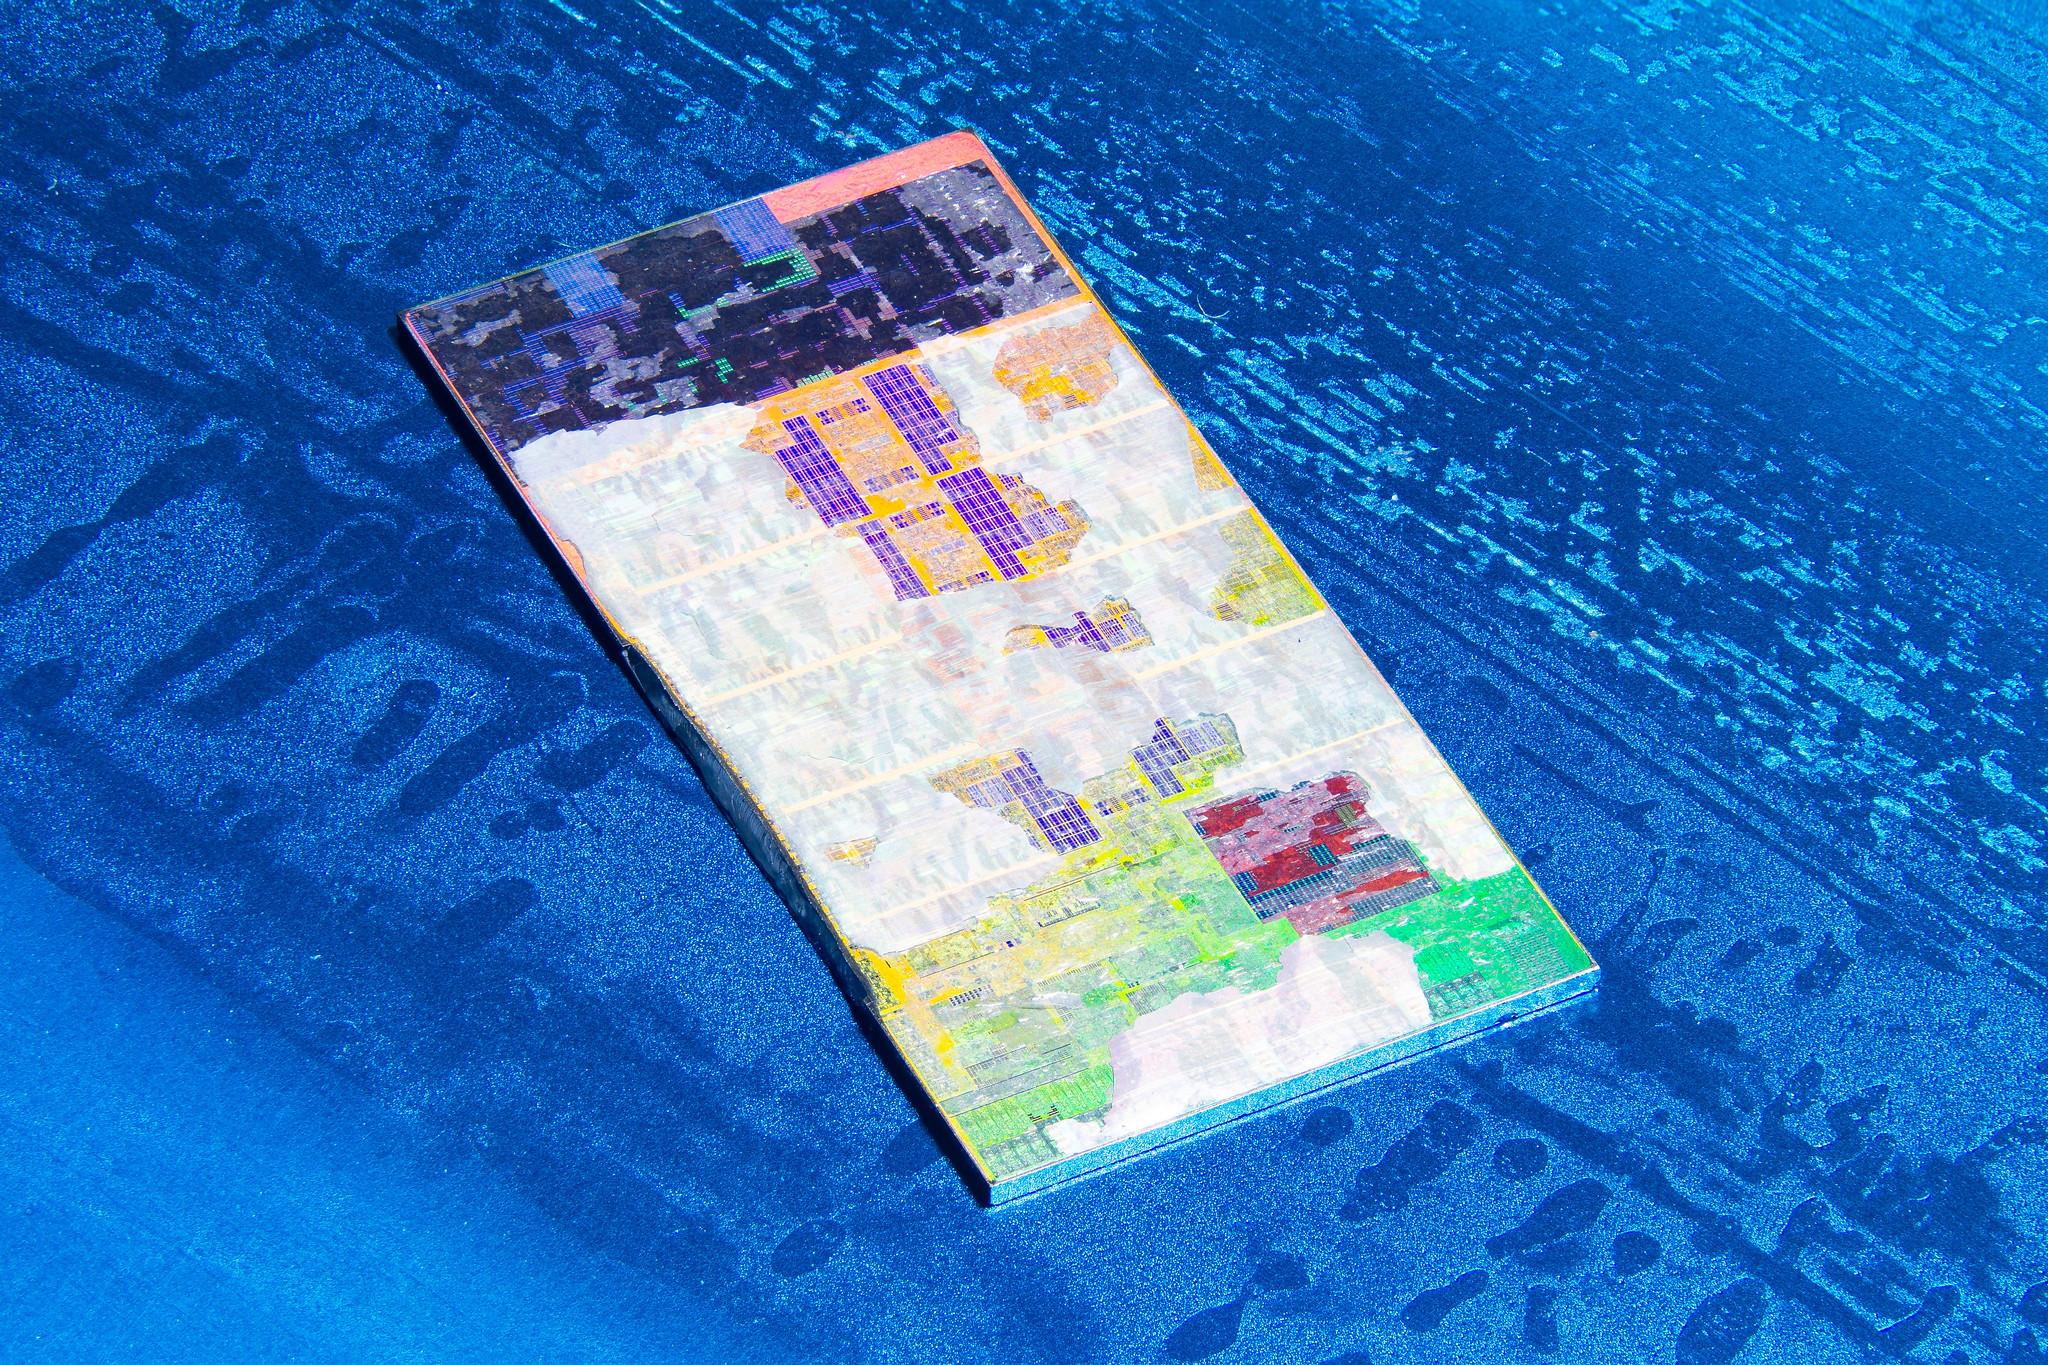 Изучаем внутреннюю структуру процессора Intel Core i5-11400